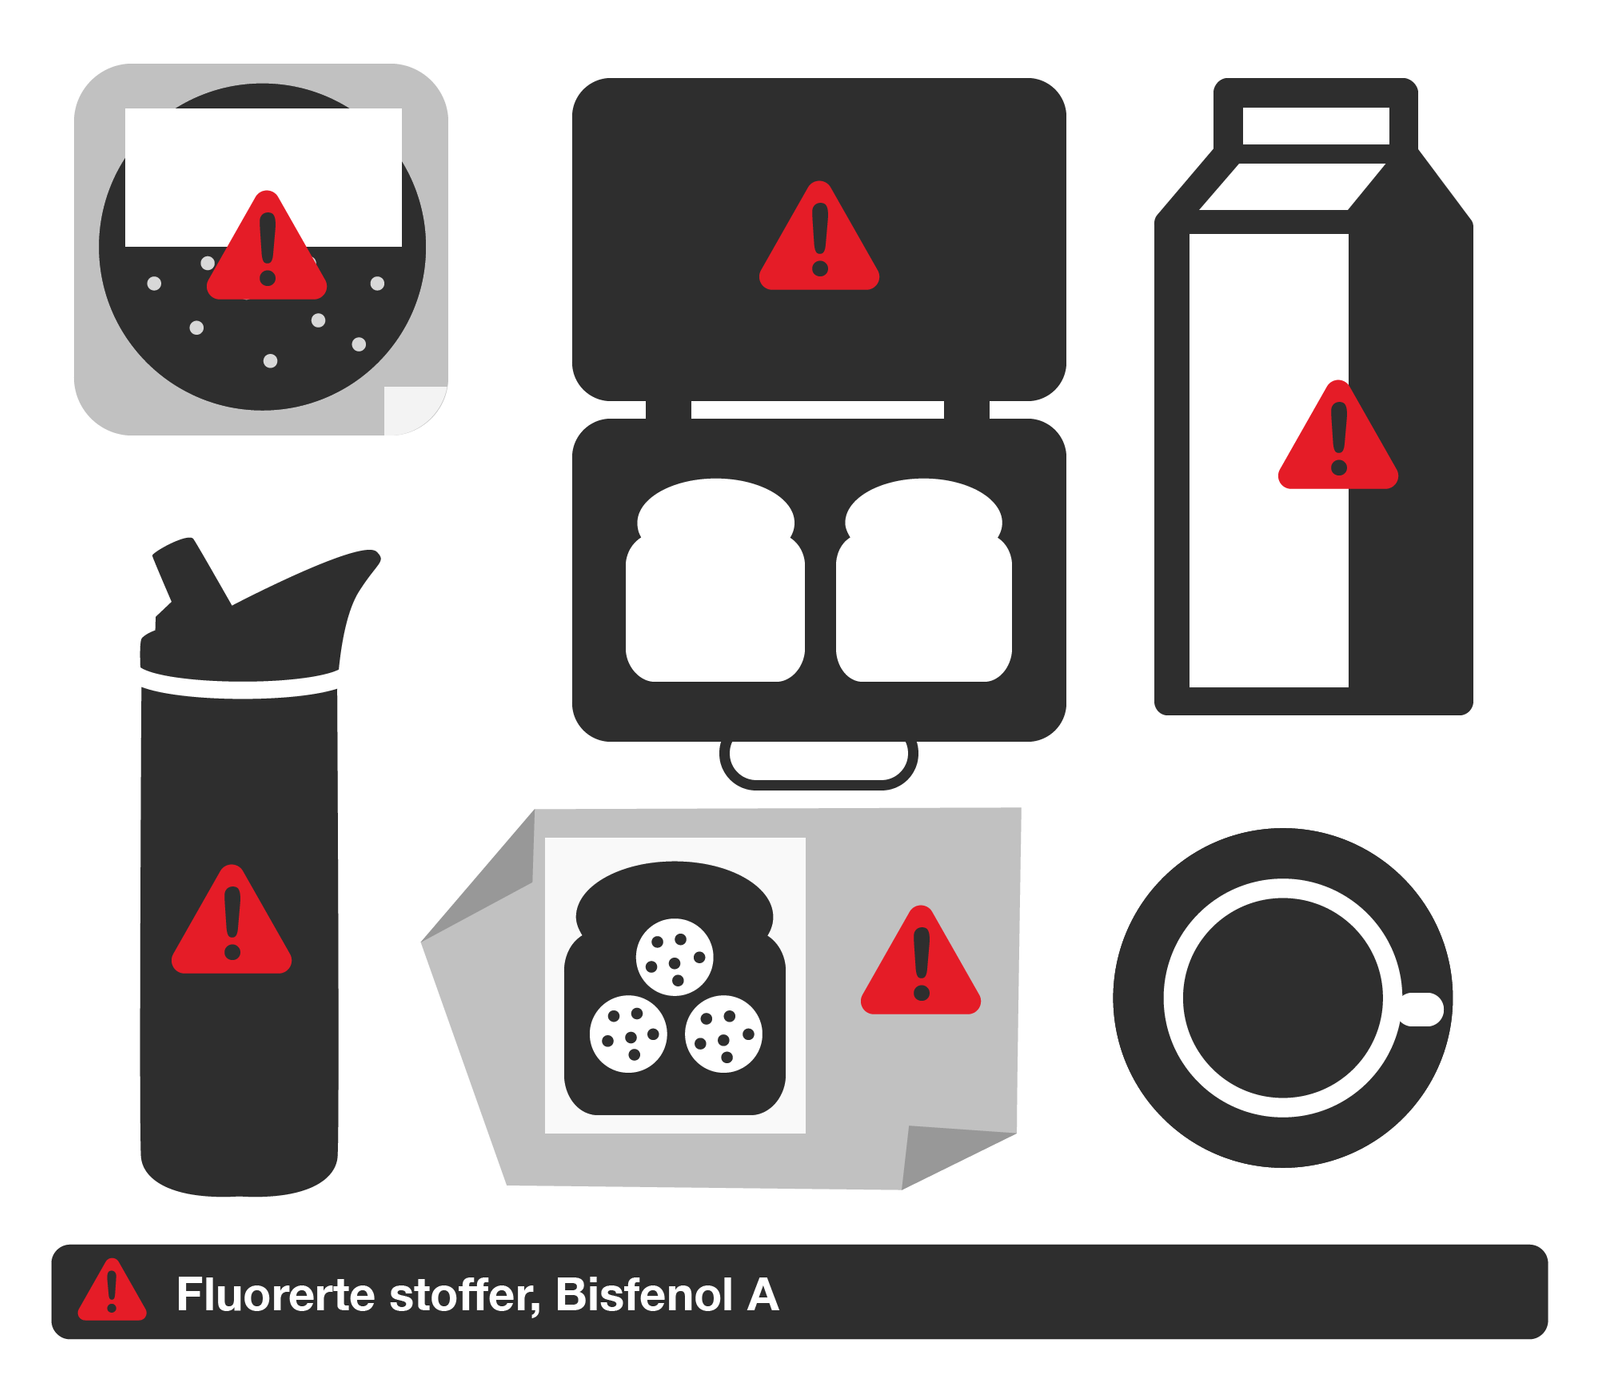 Matpapir og annen matemballasje kan inneholde fluorerte stoffer og bisfenol A. Råd: Kjøp produkter med Svanemerket, kast gamle plastbokser og brusflasker, og oppbevar maten i plastemballasje med glass- og gaffelsymbol.